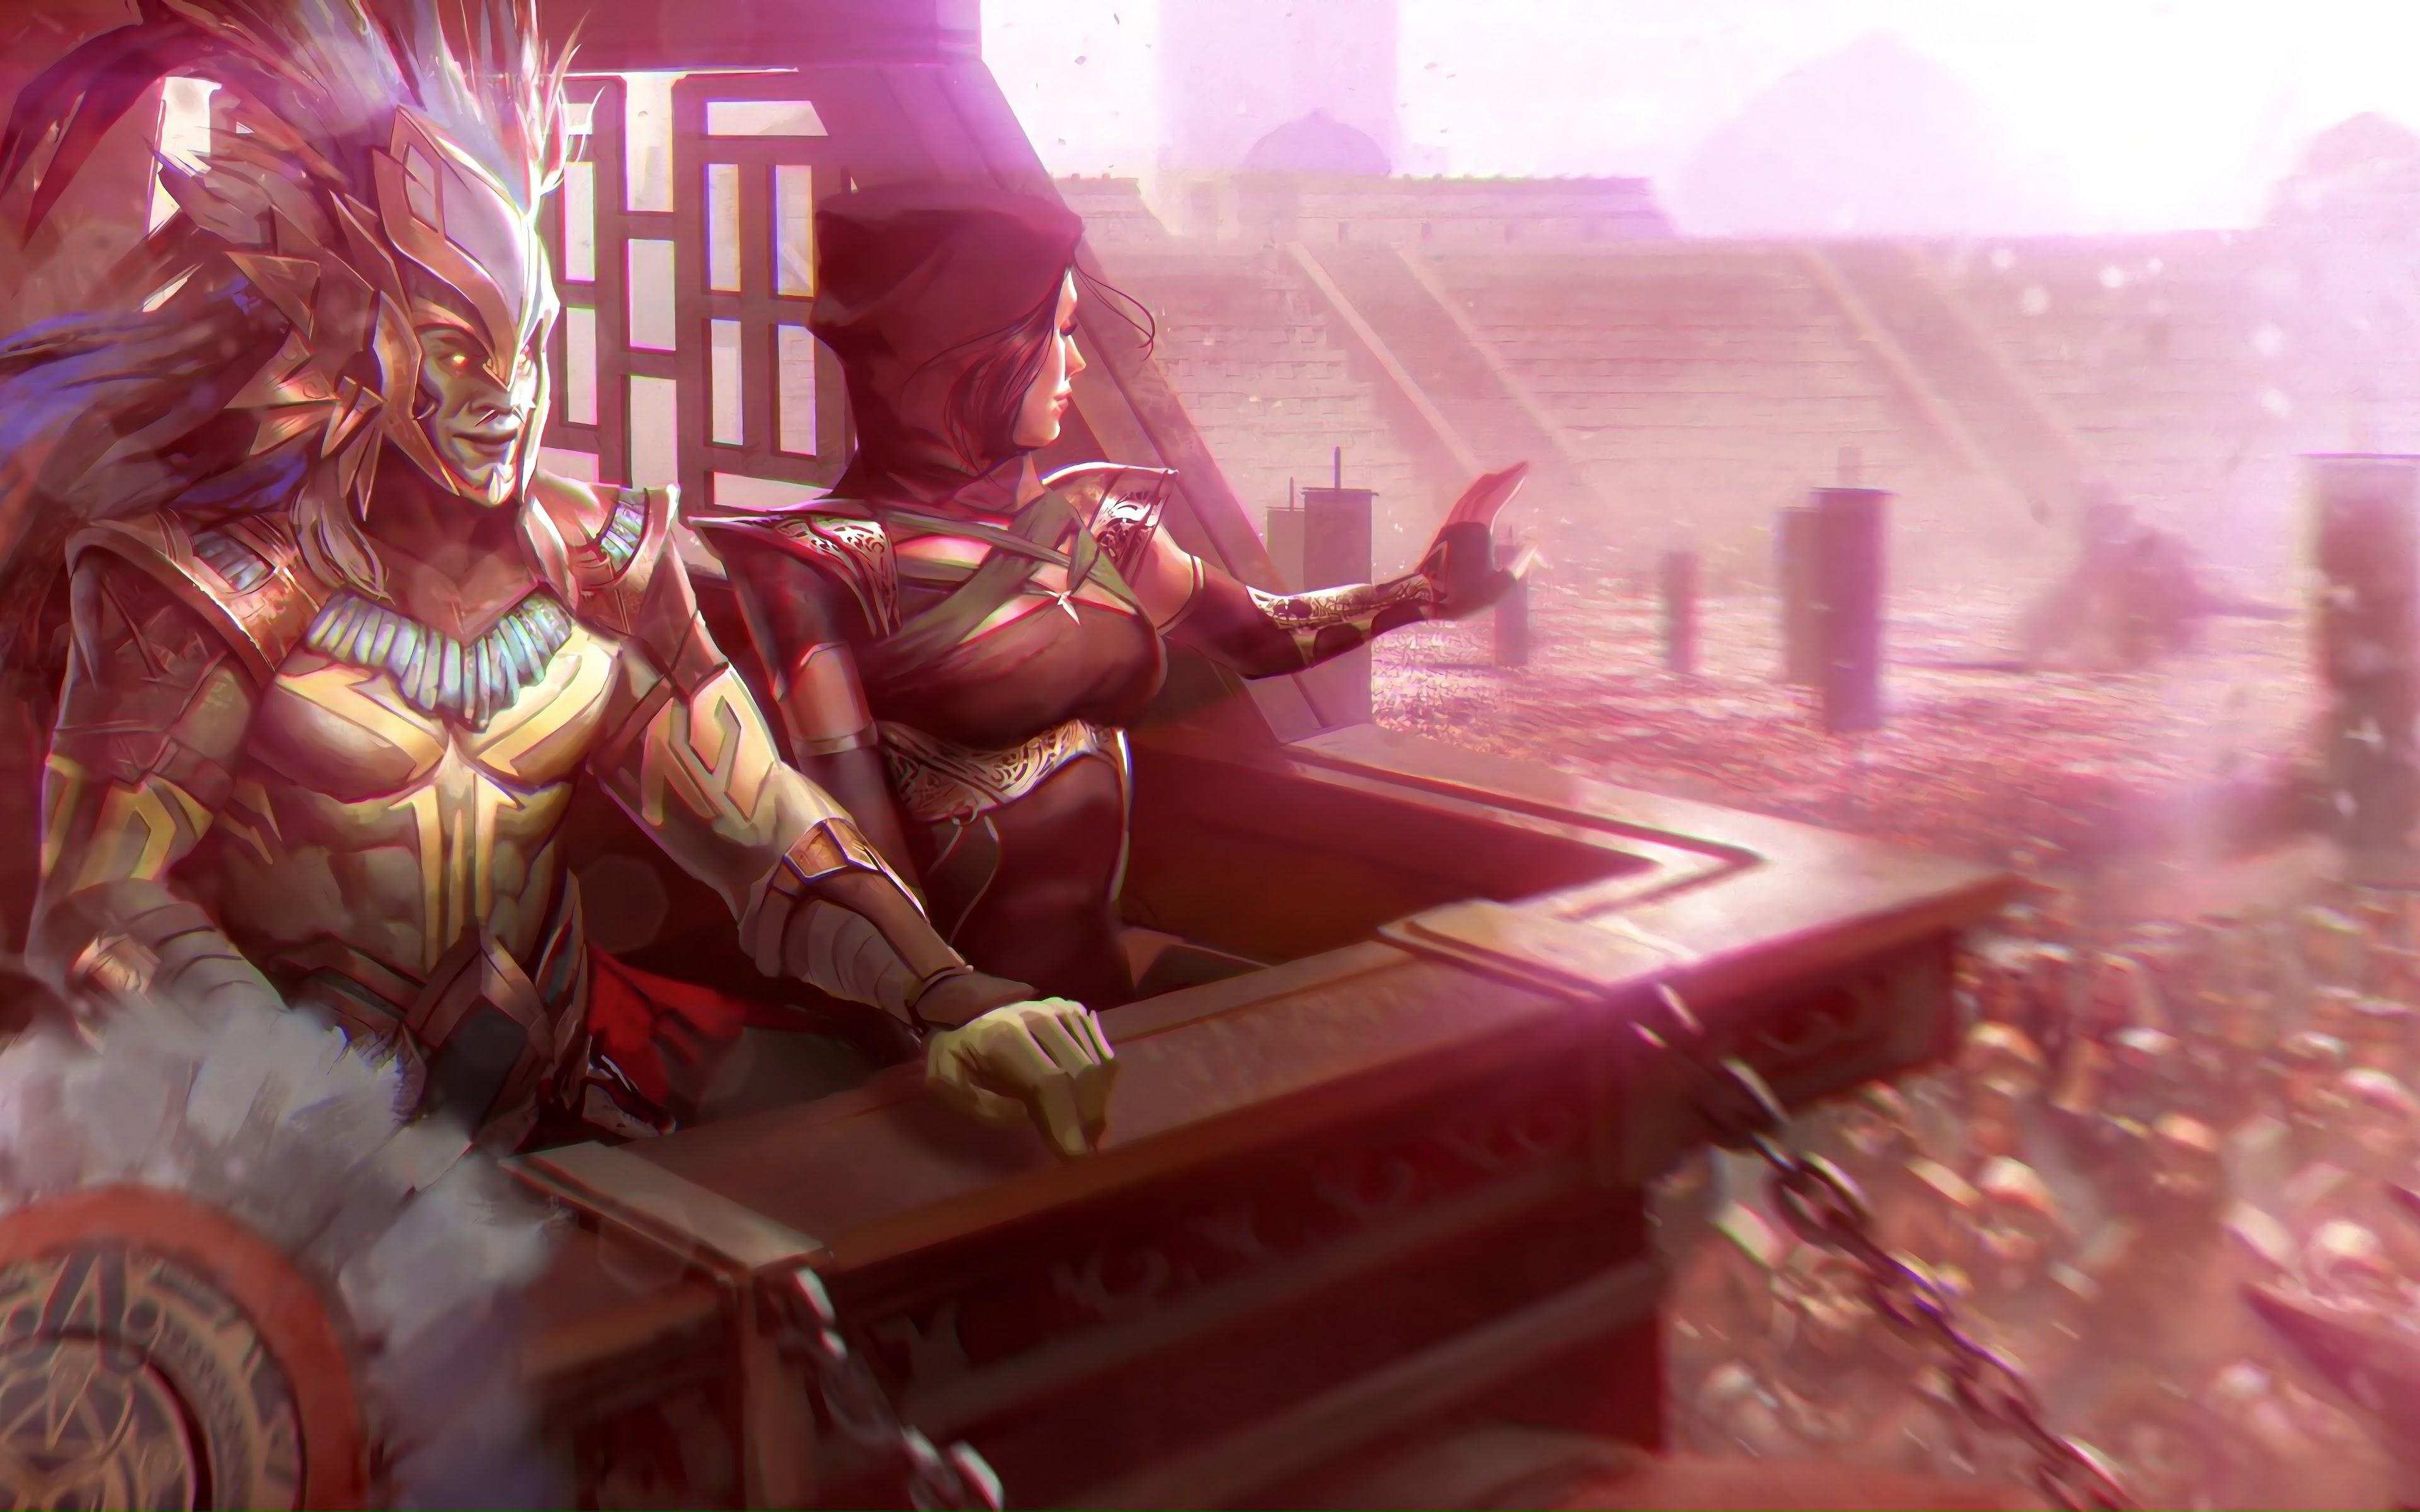 Kotal Kahn And Jade Mortal Kombat 11 4k Wallpaper 259